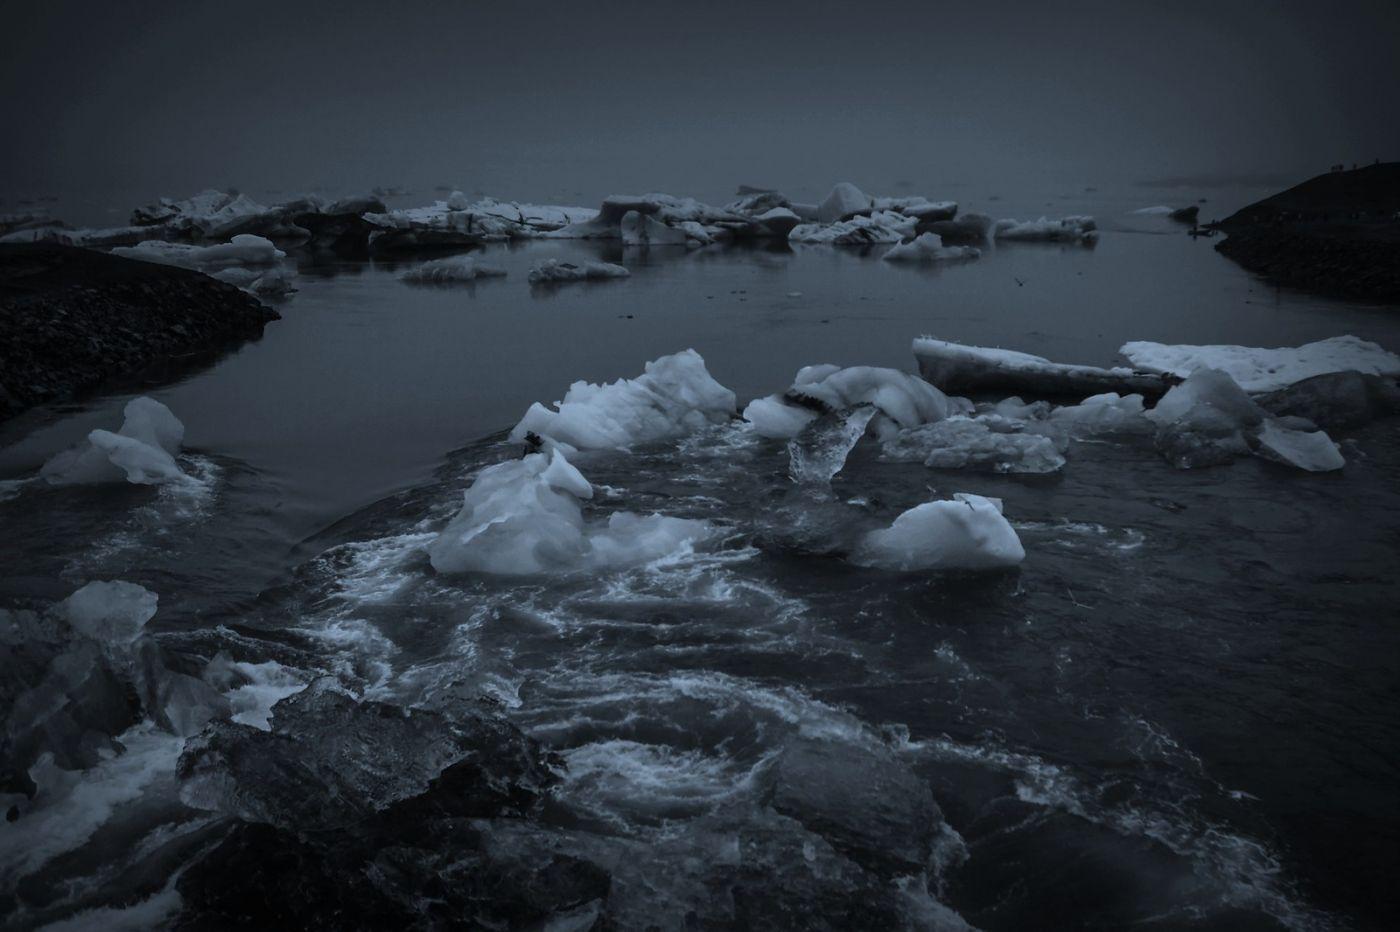 冰岛冰川泻湖(Glacier Lagoon), 湖面上冰川_图1-7